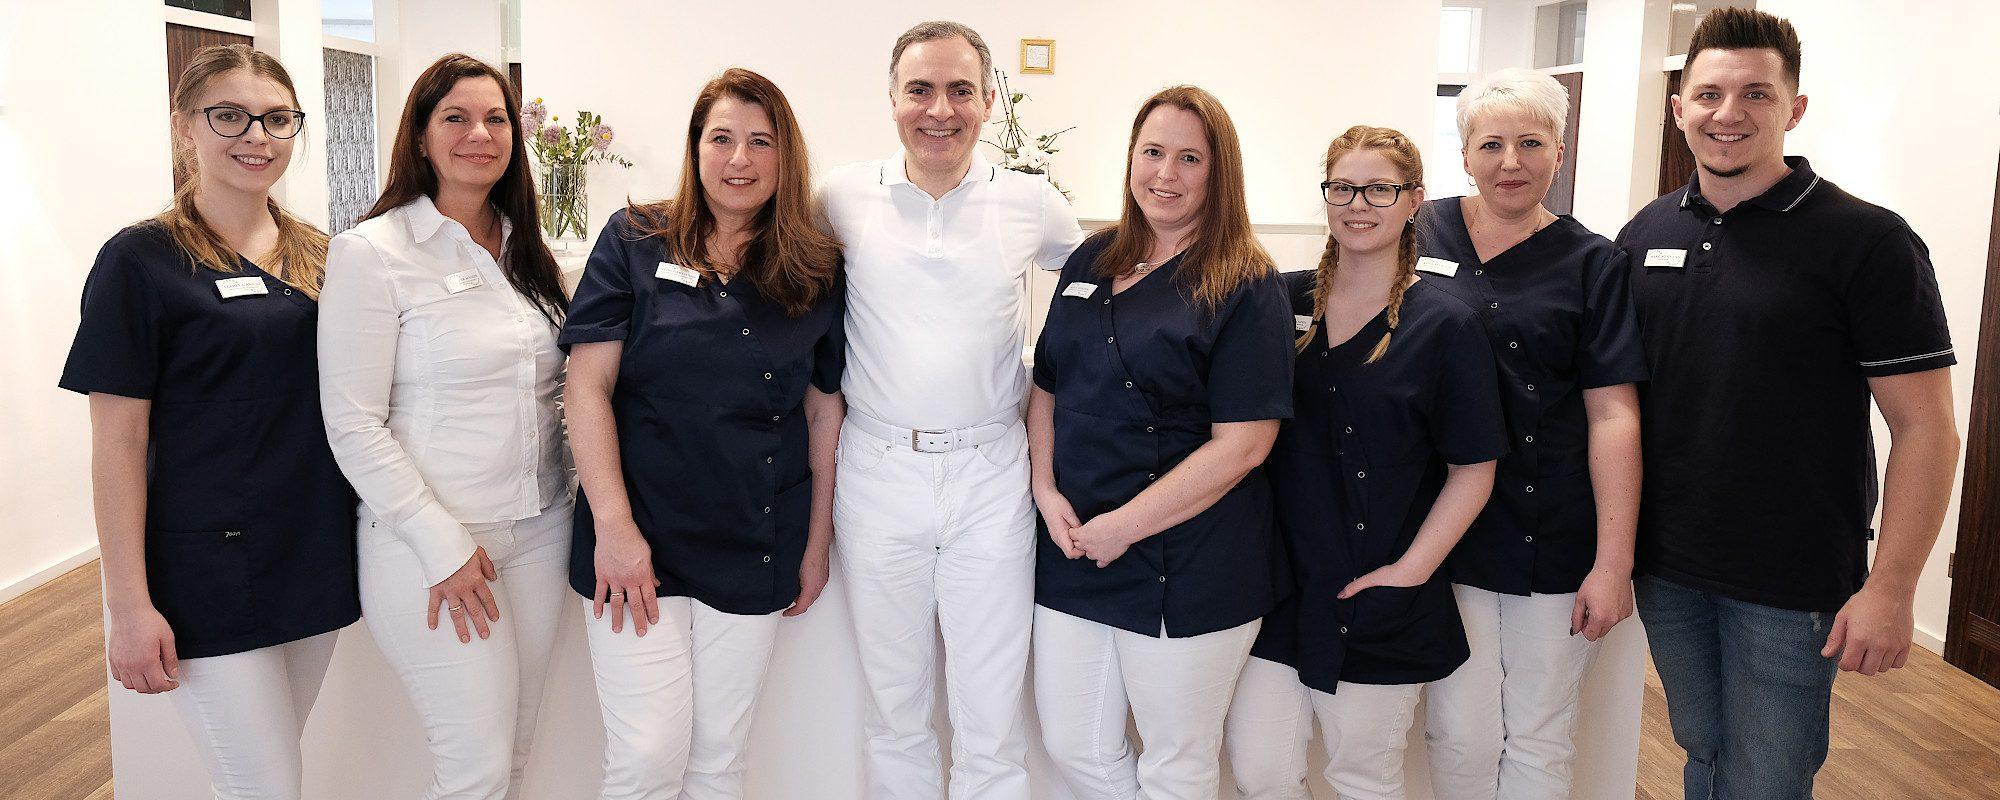 Zahnarzt Dr. Saidi mit seinem Team